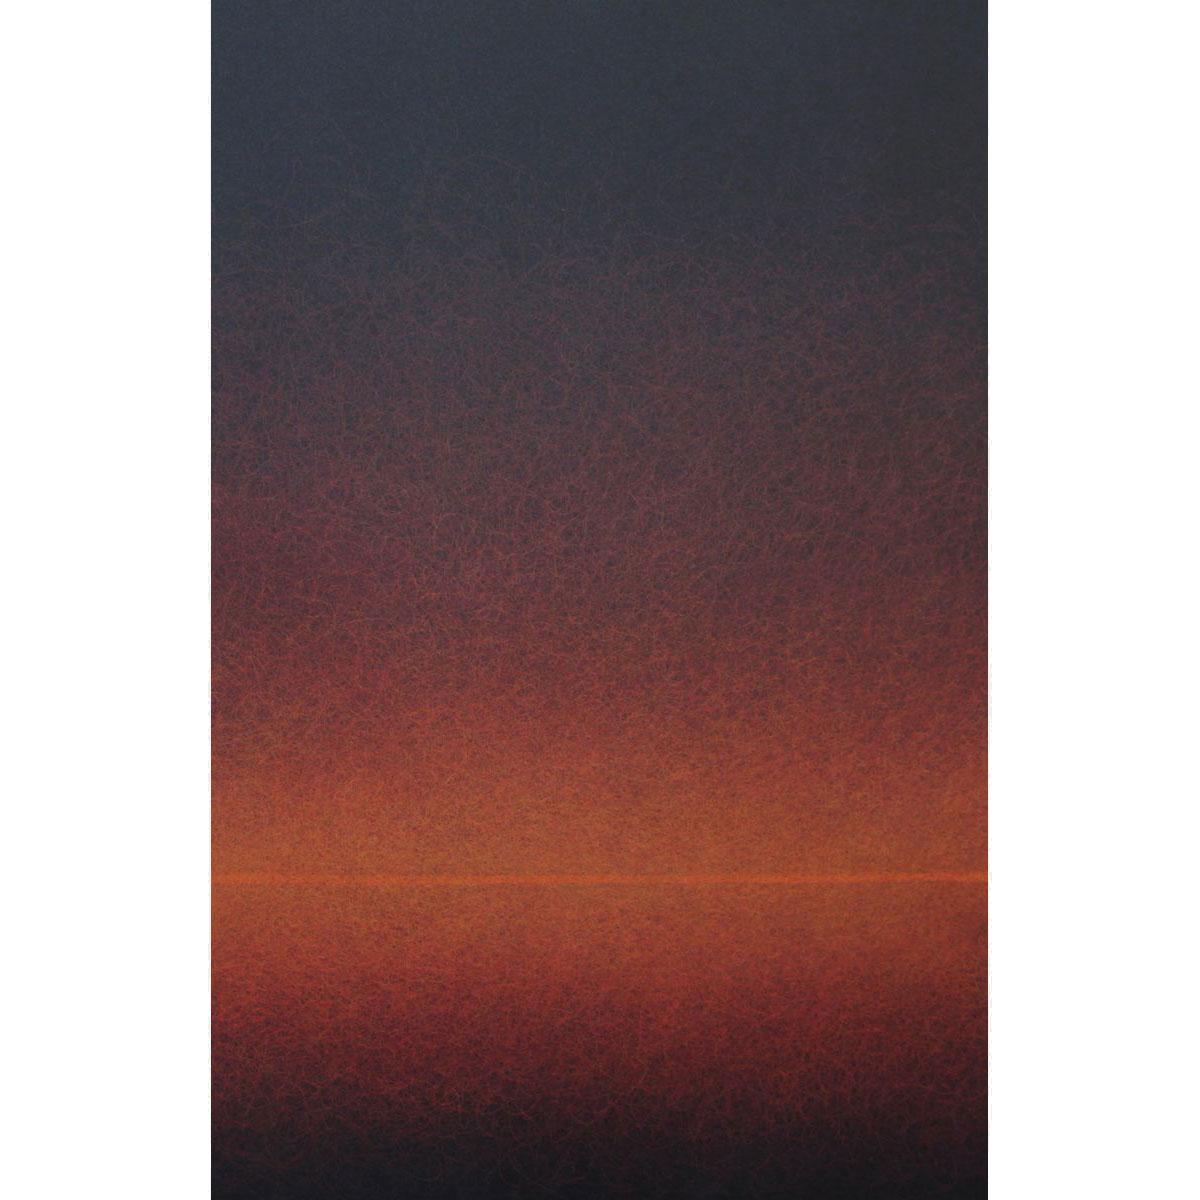 Quantum Entanglement (Red Orange Line)